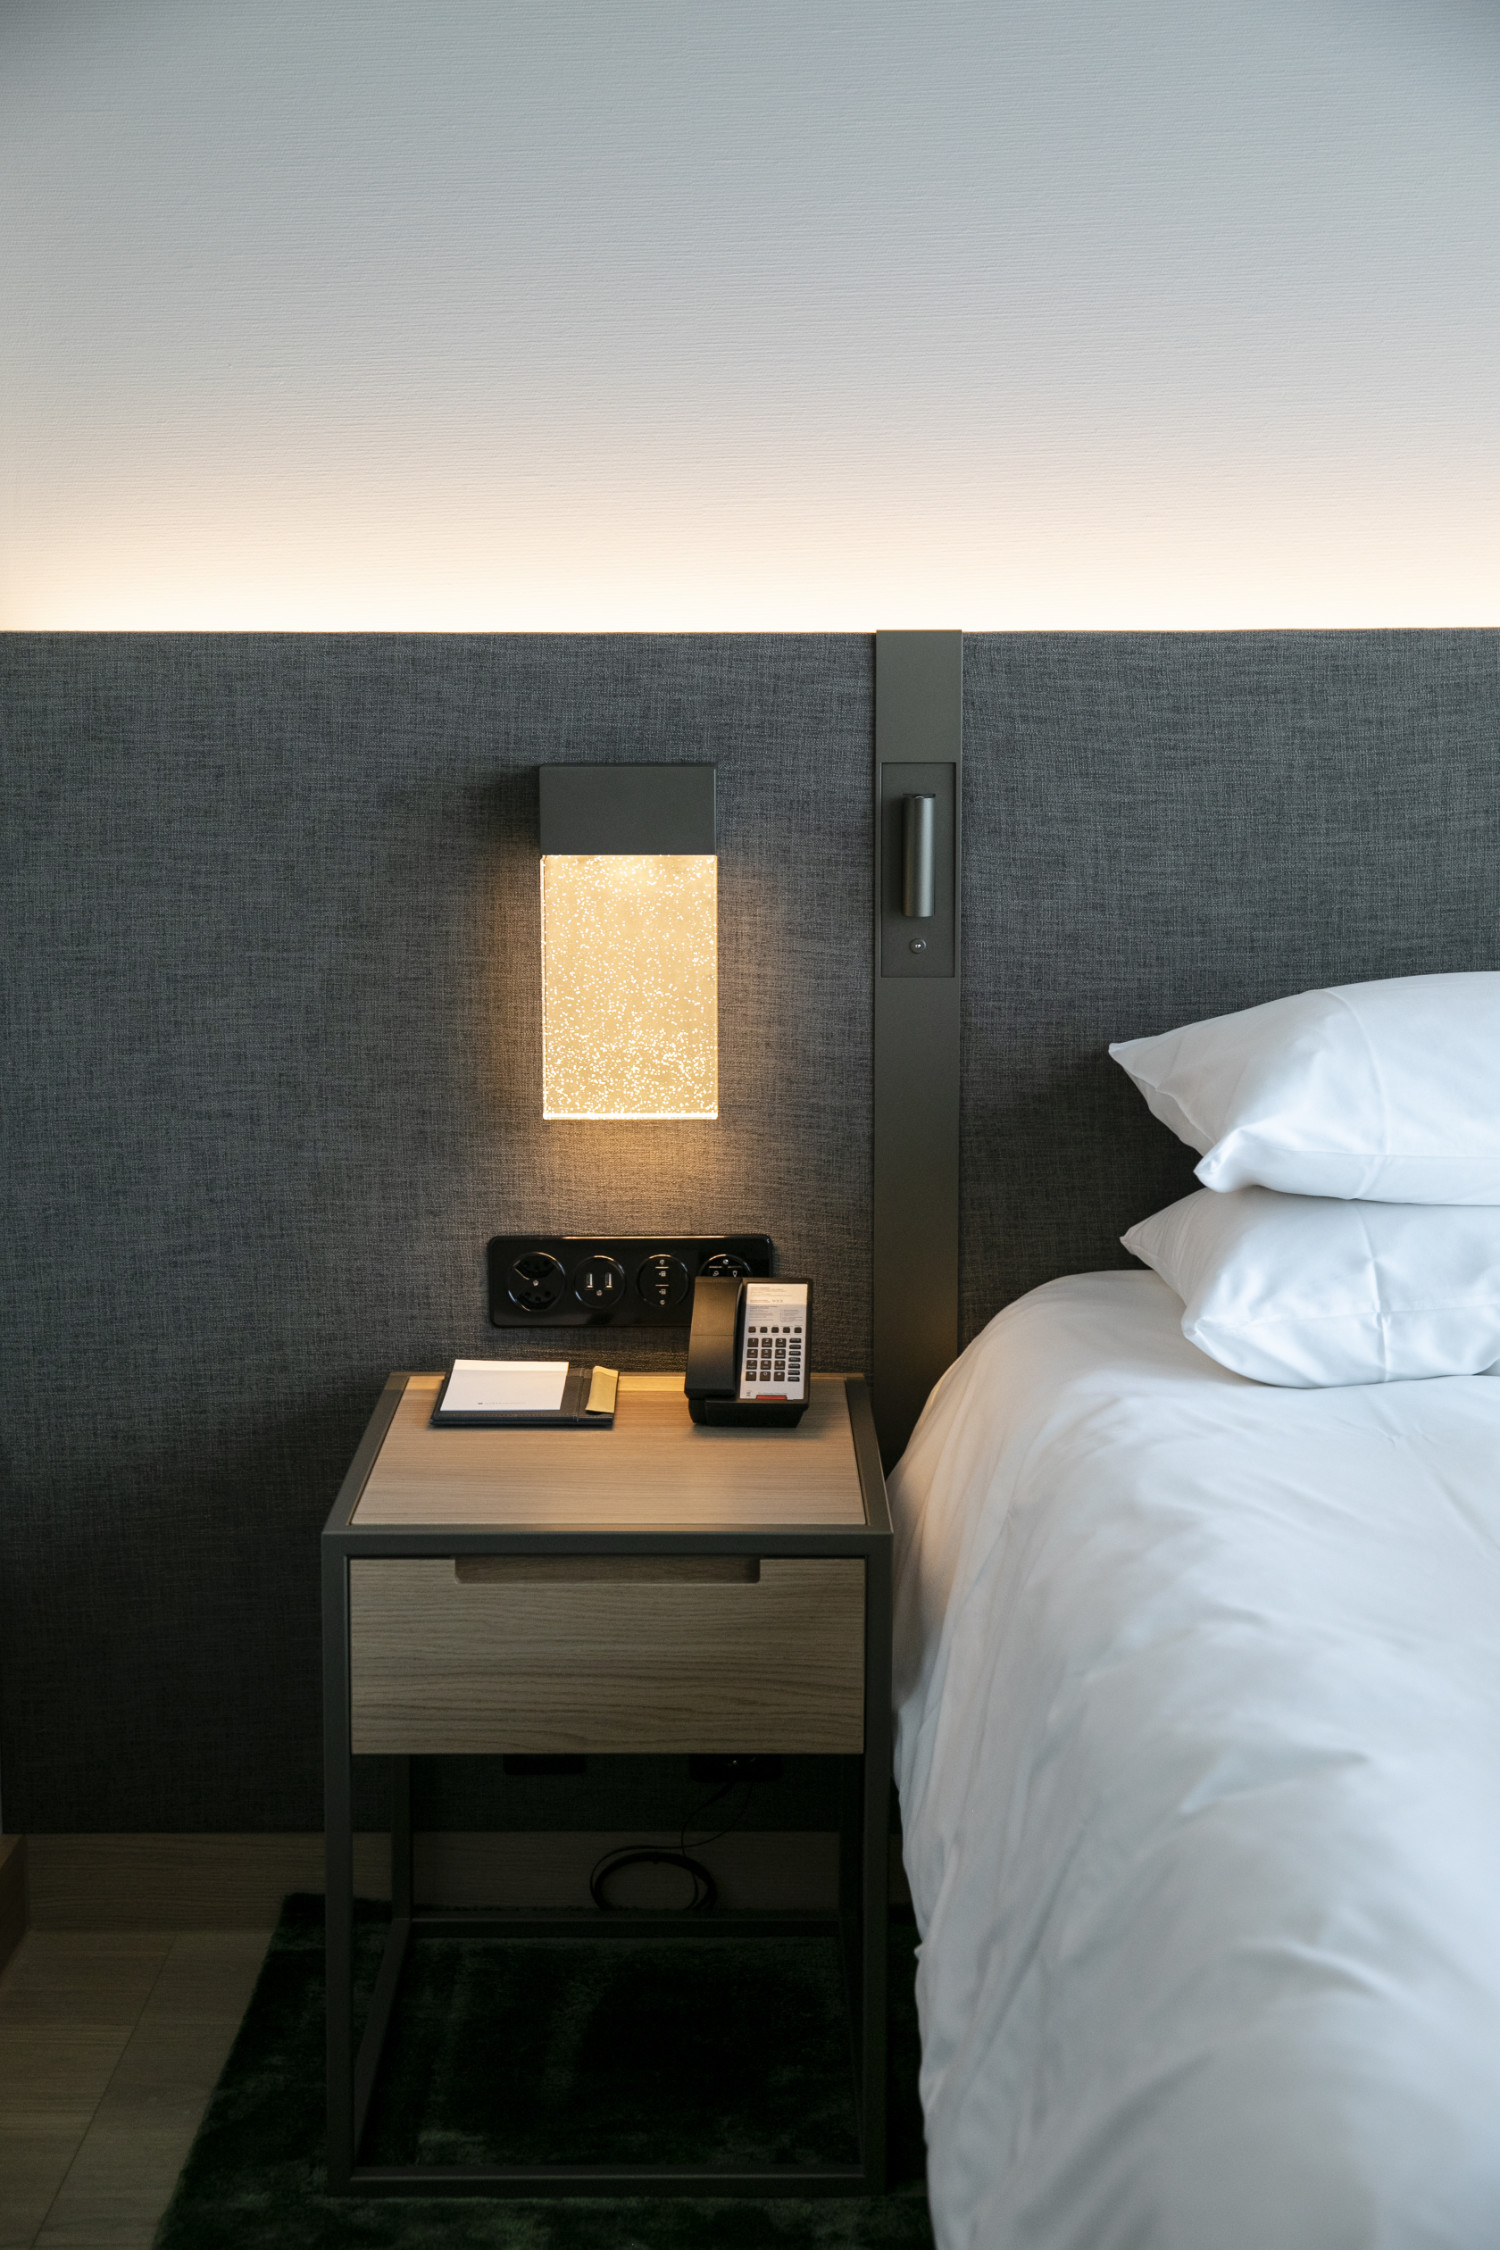 Das Licht- und Temperaturmanagement in den einzelnen Gästezimmern wird ebenfalls automatisch gesteuert.